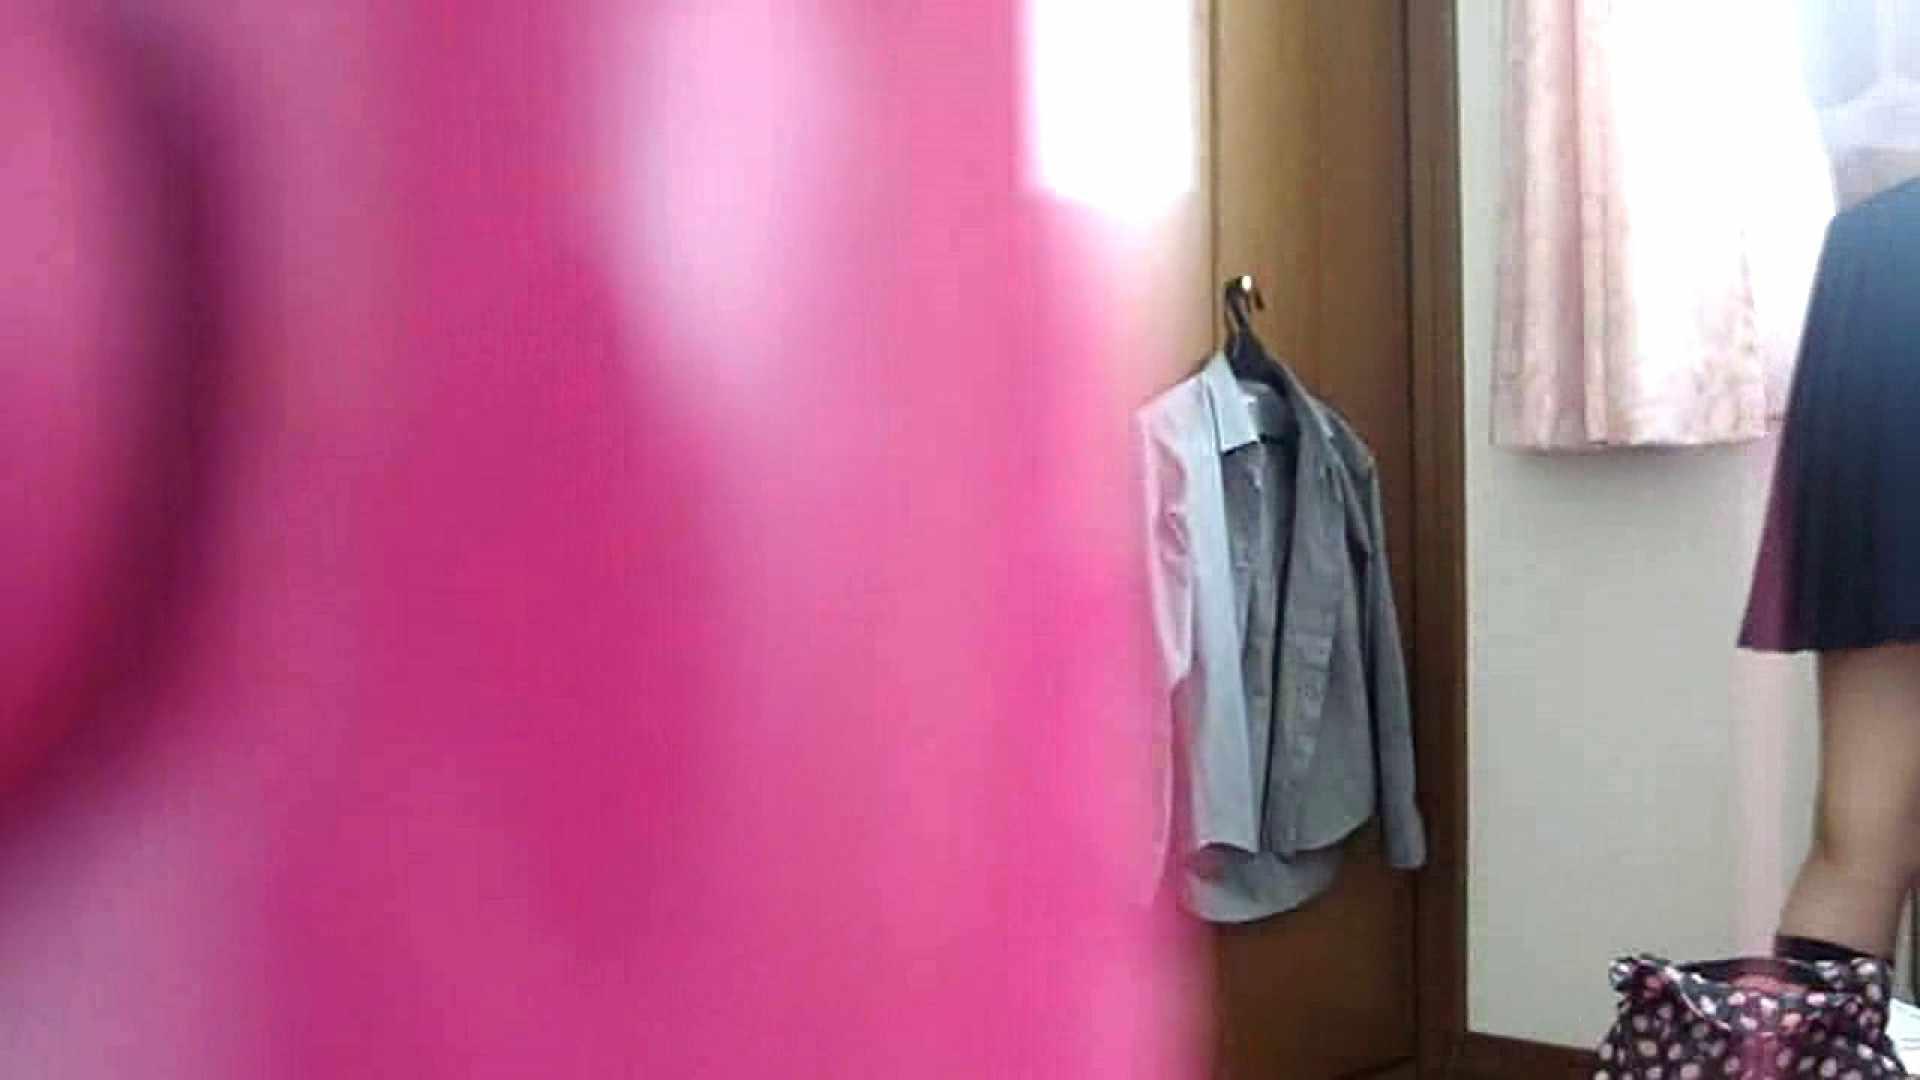 Vol.01 葵のいつもと変わらぬ朝の日常をご覧ください。 巨乳編  110PIX 110